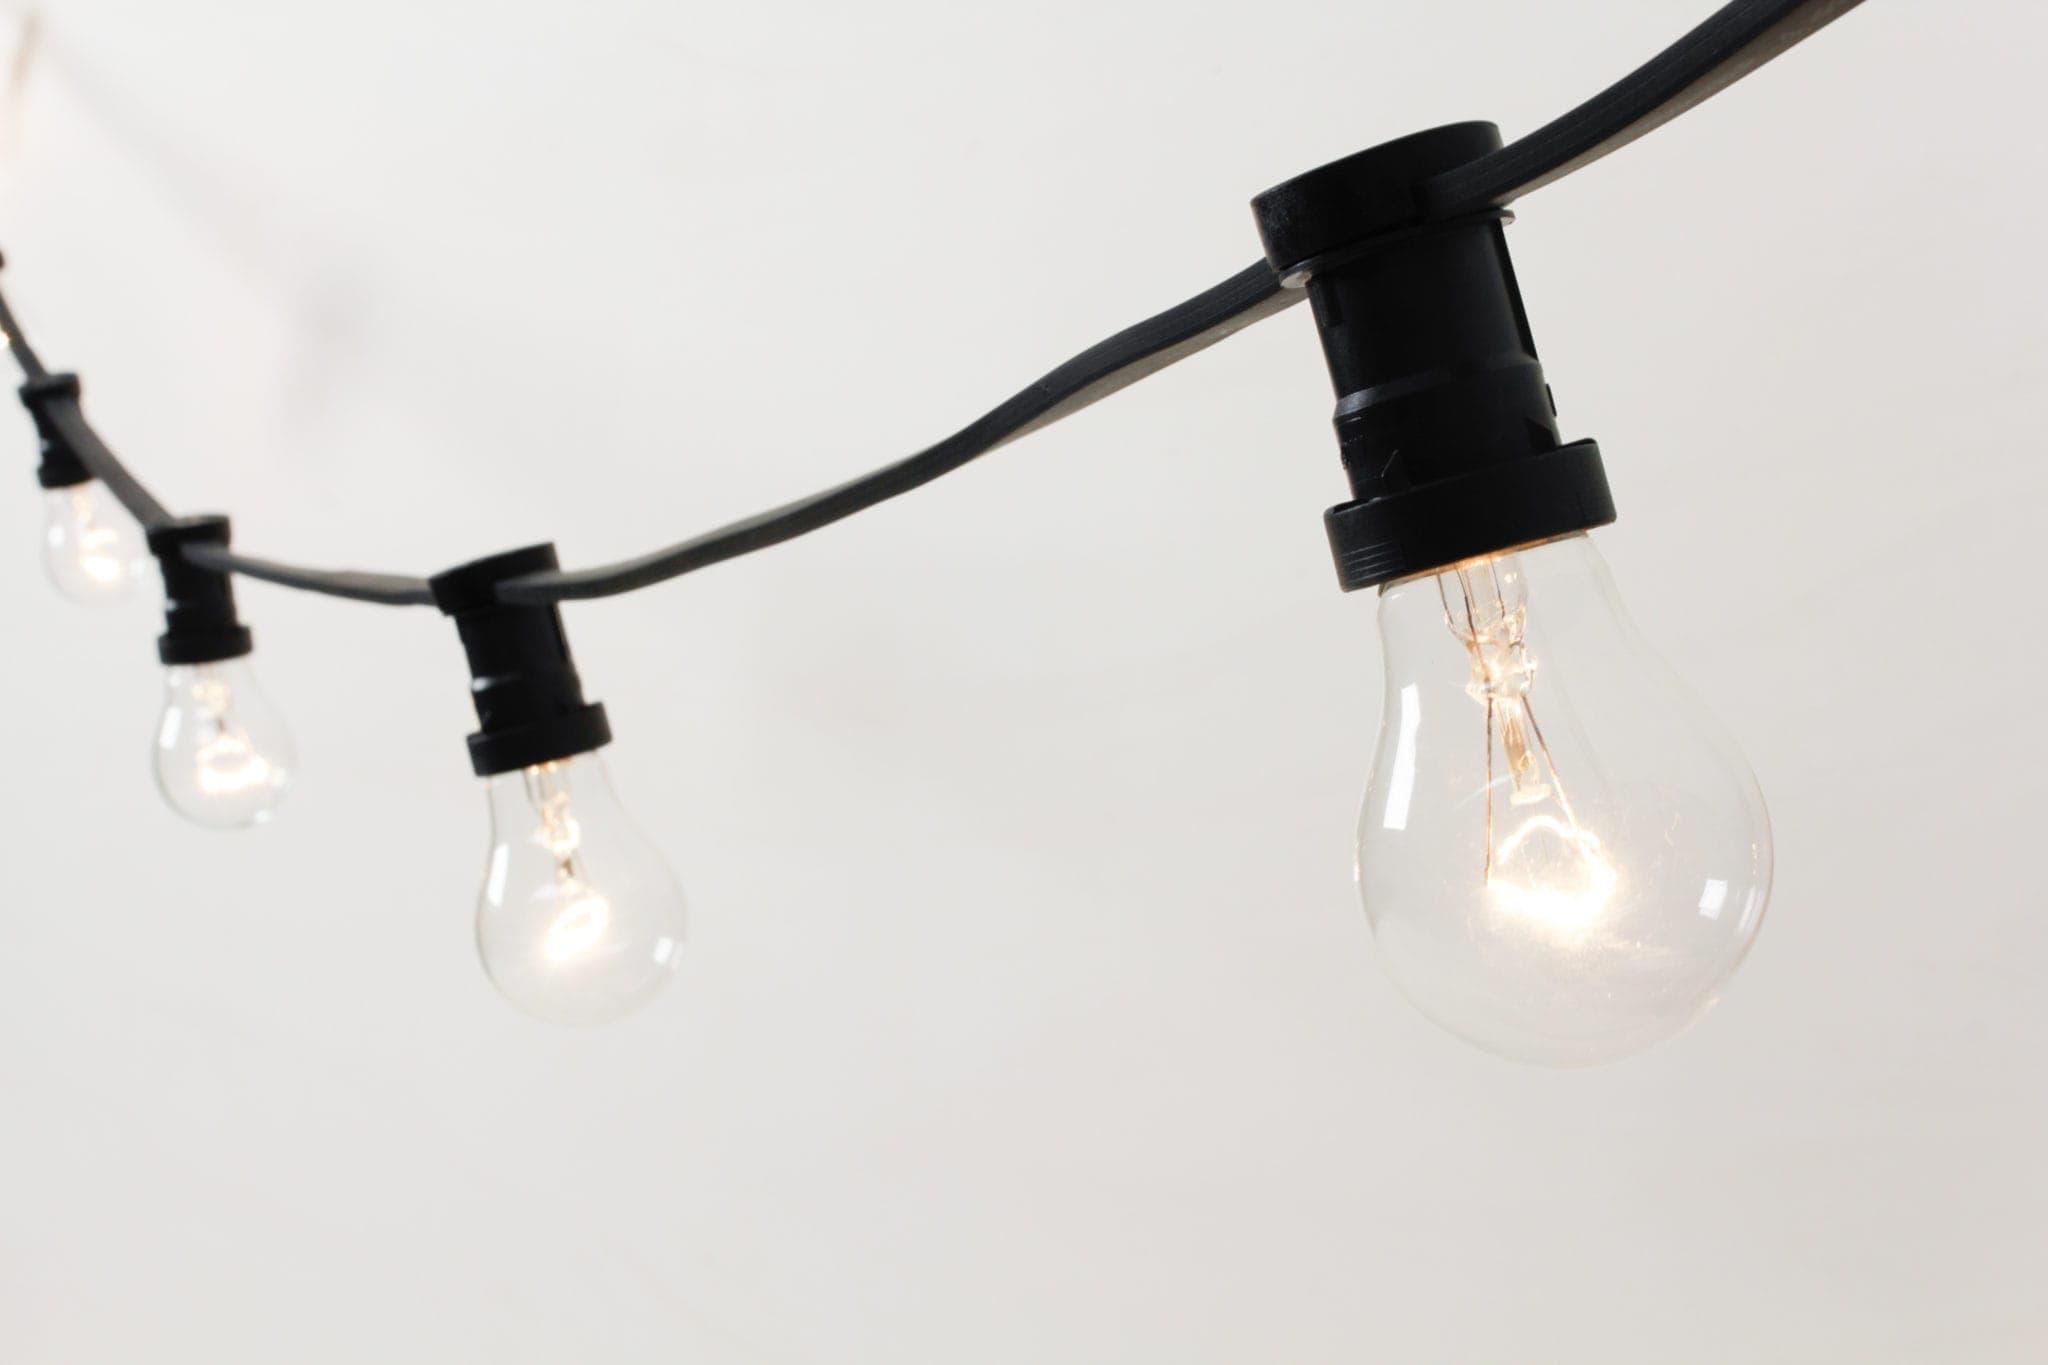 Hängedekoration, Beleuchtung, Lichterkette, Biergartenlichterkette, Illu Lichterkettte, mieten